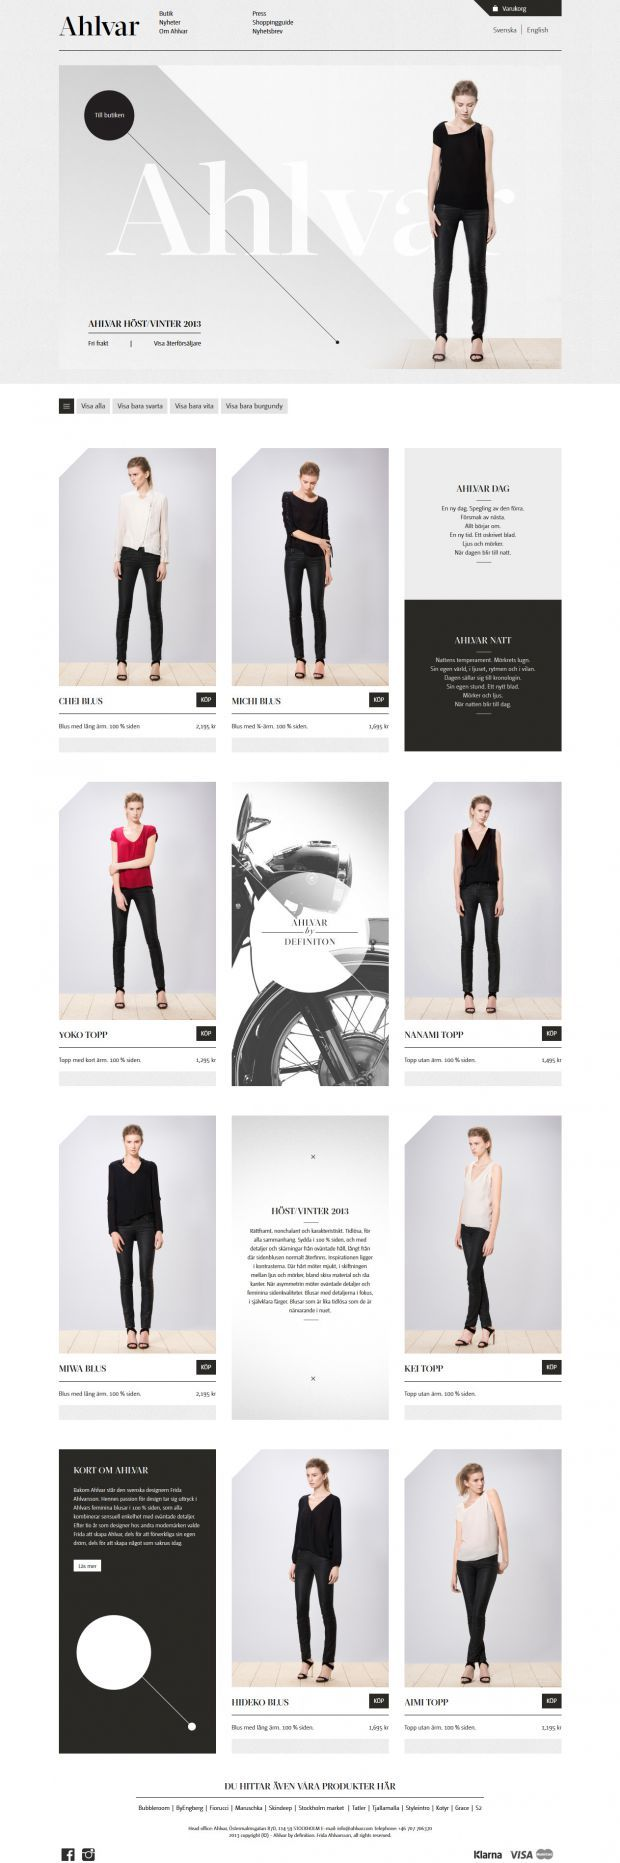 Blusar och toppar dag och natt - Ahlvar - Webdesign inspiration www.niceoneilike.com